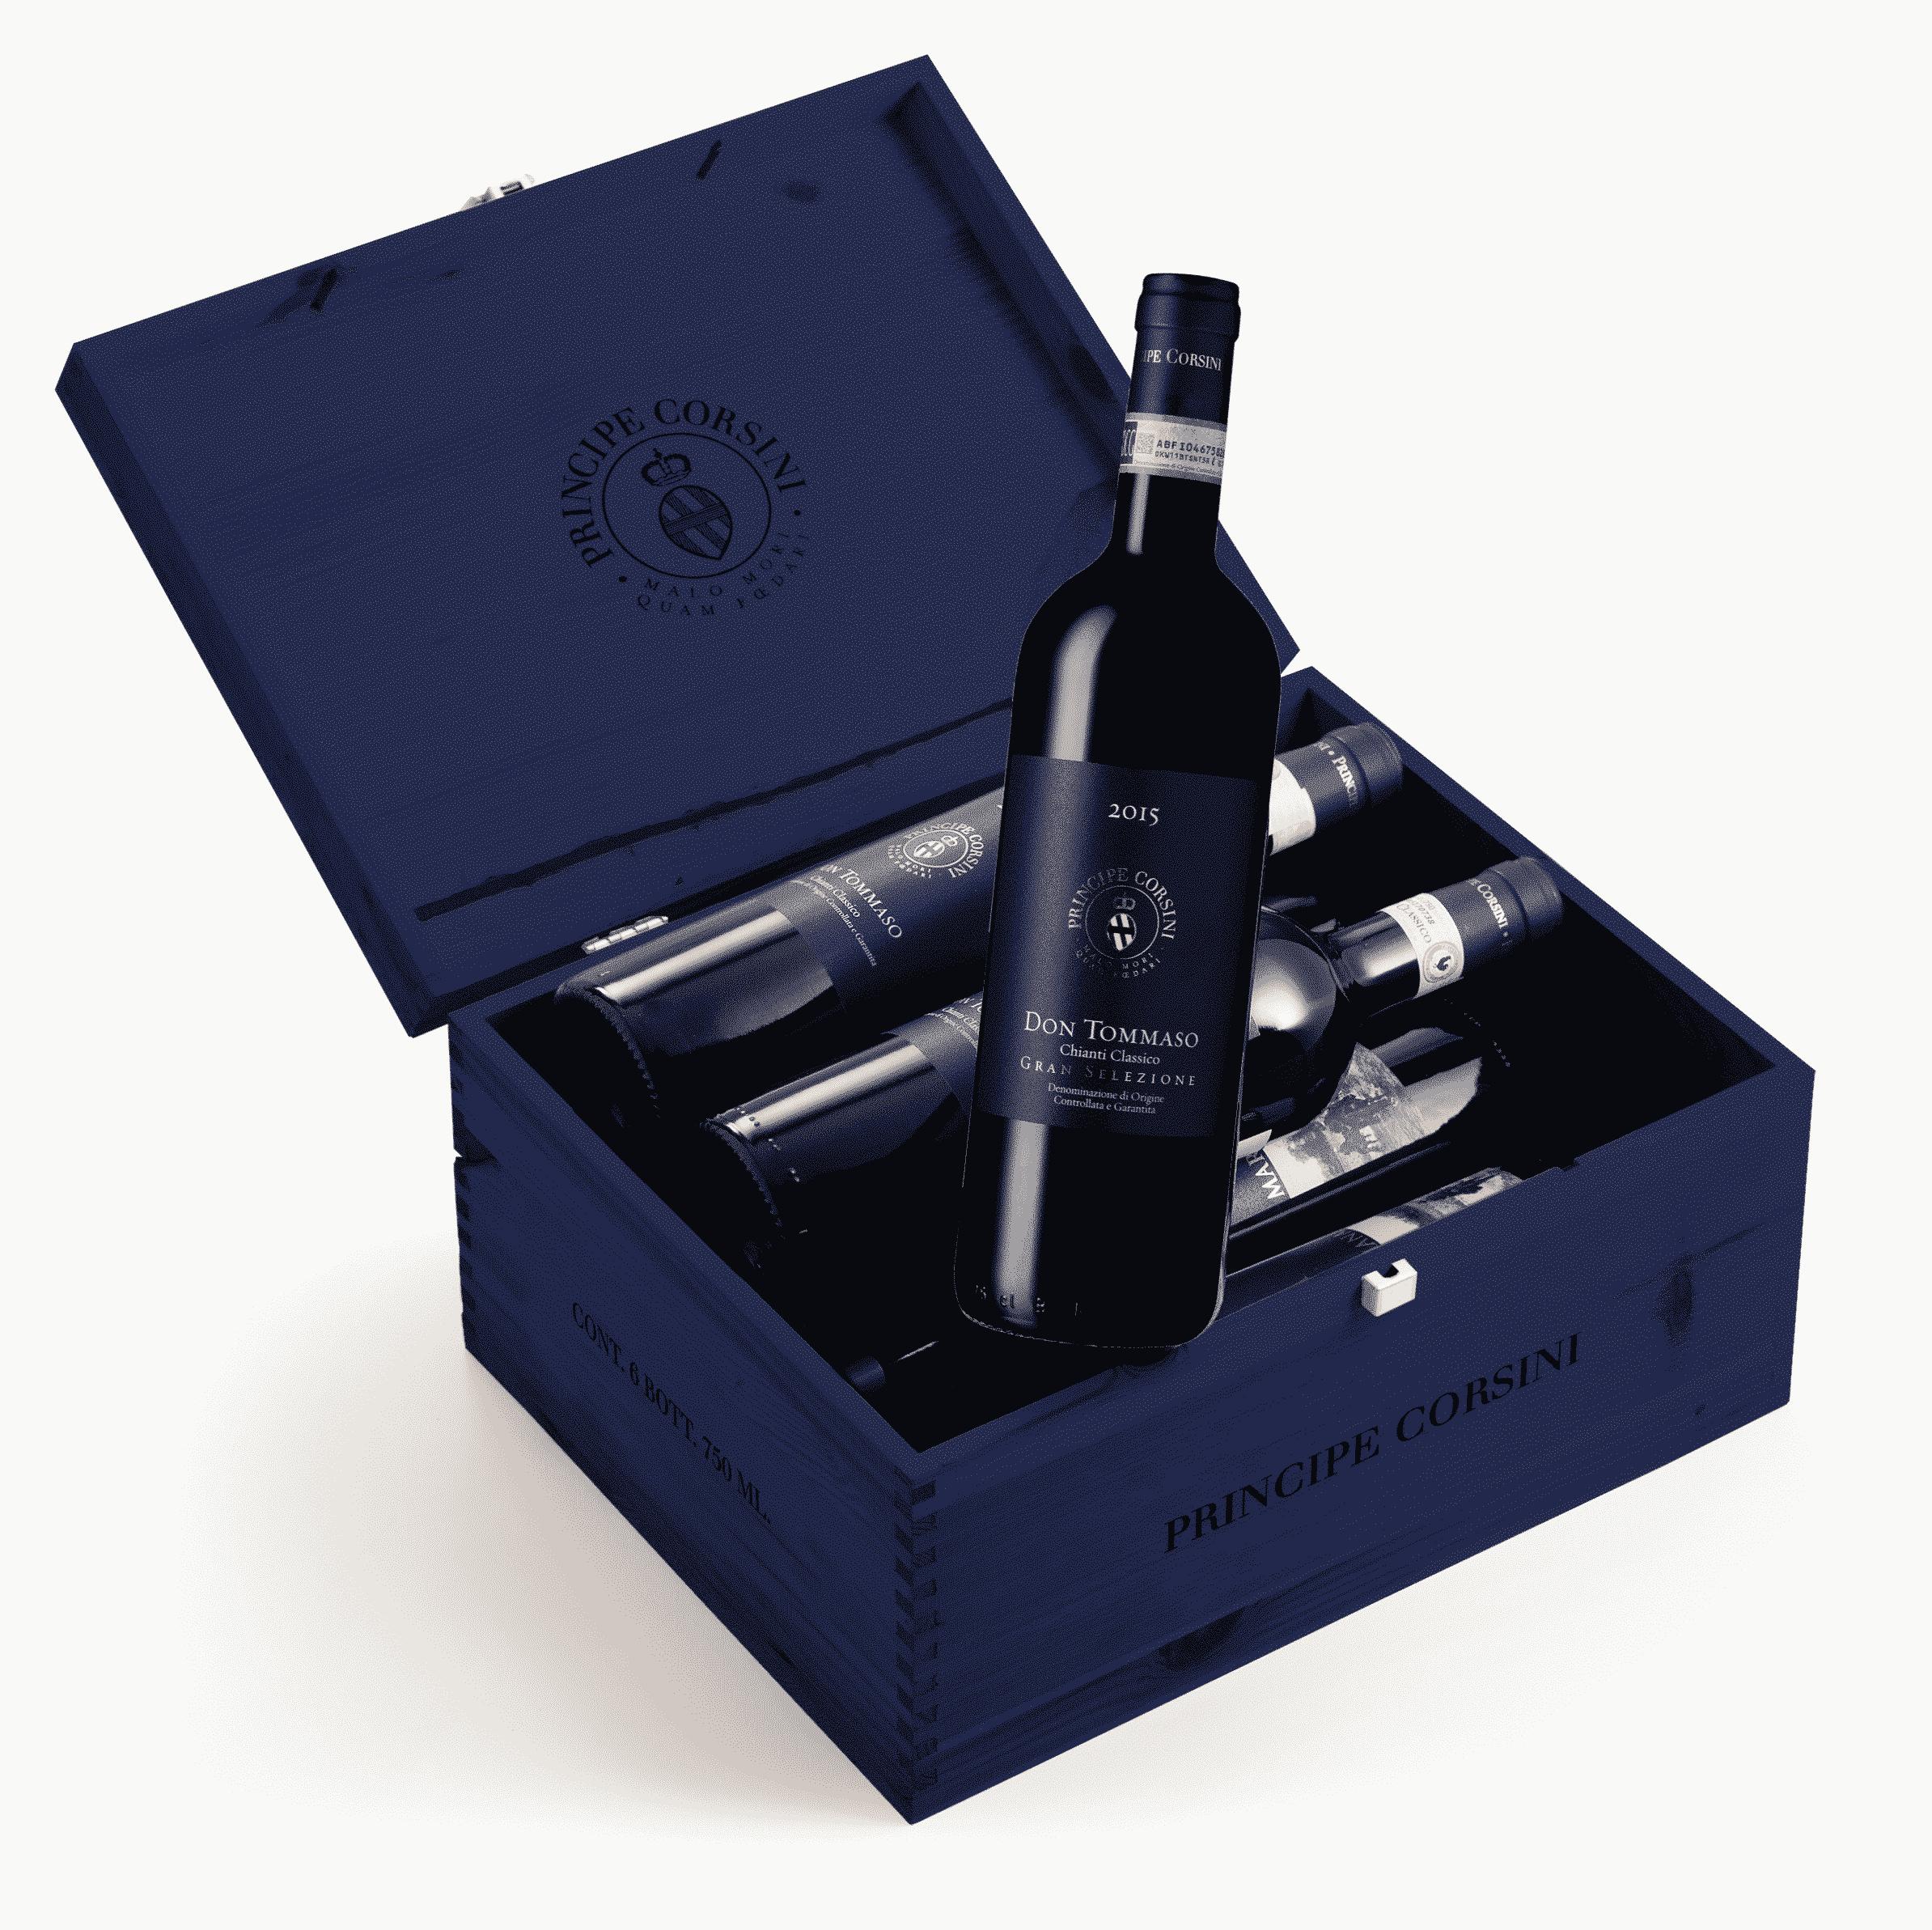 6 Bott. Don Tommaso 2016 Chianti Classico Gran Selezione DOCG + Wooden Box